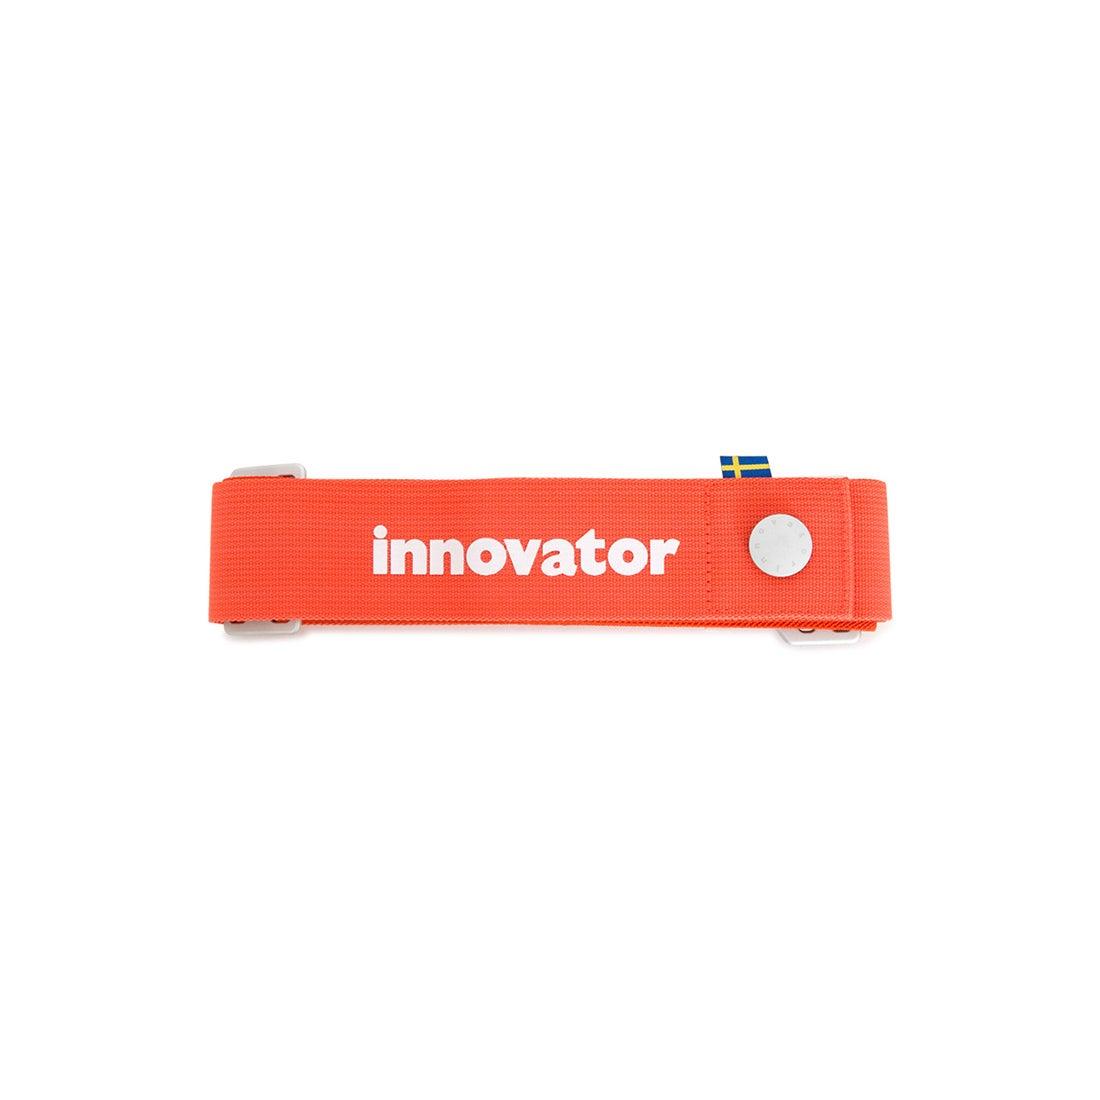 【SAC'S BAR】イノベーター innovator スーツケースベルト INT11B ORANGE メンズ